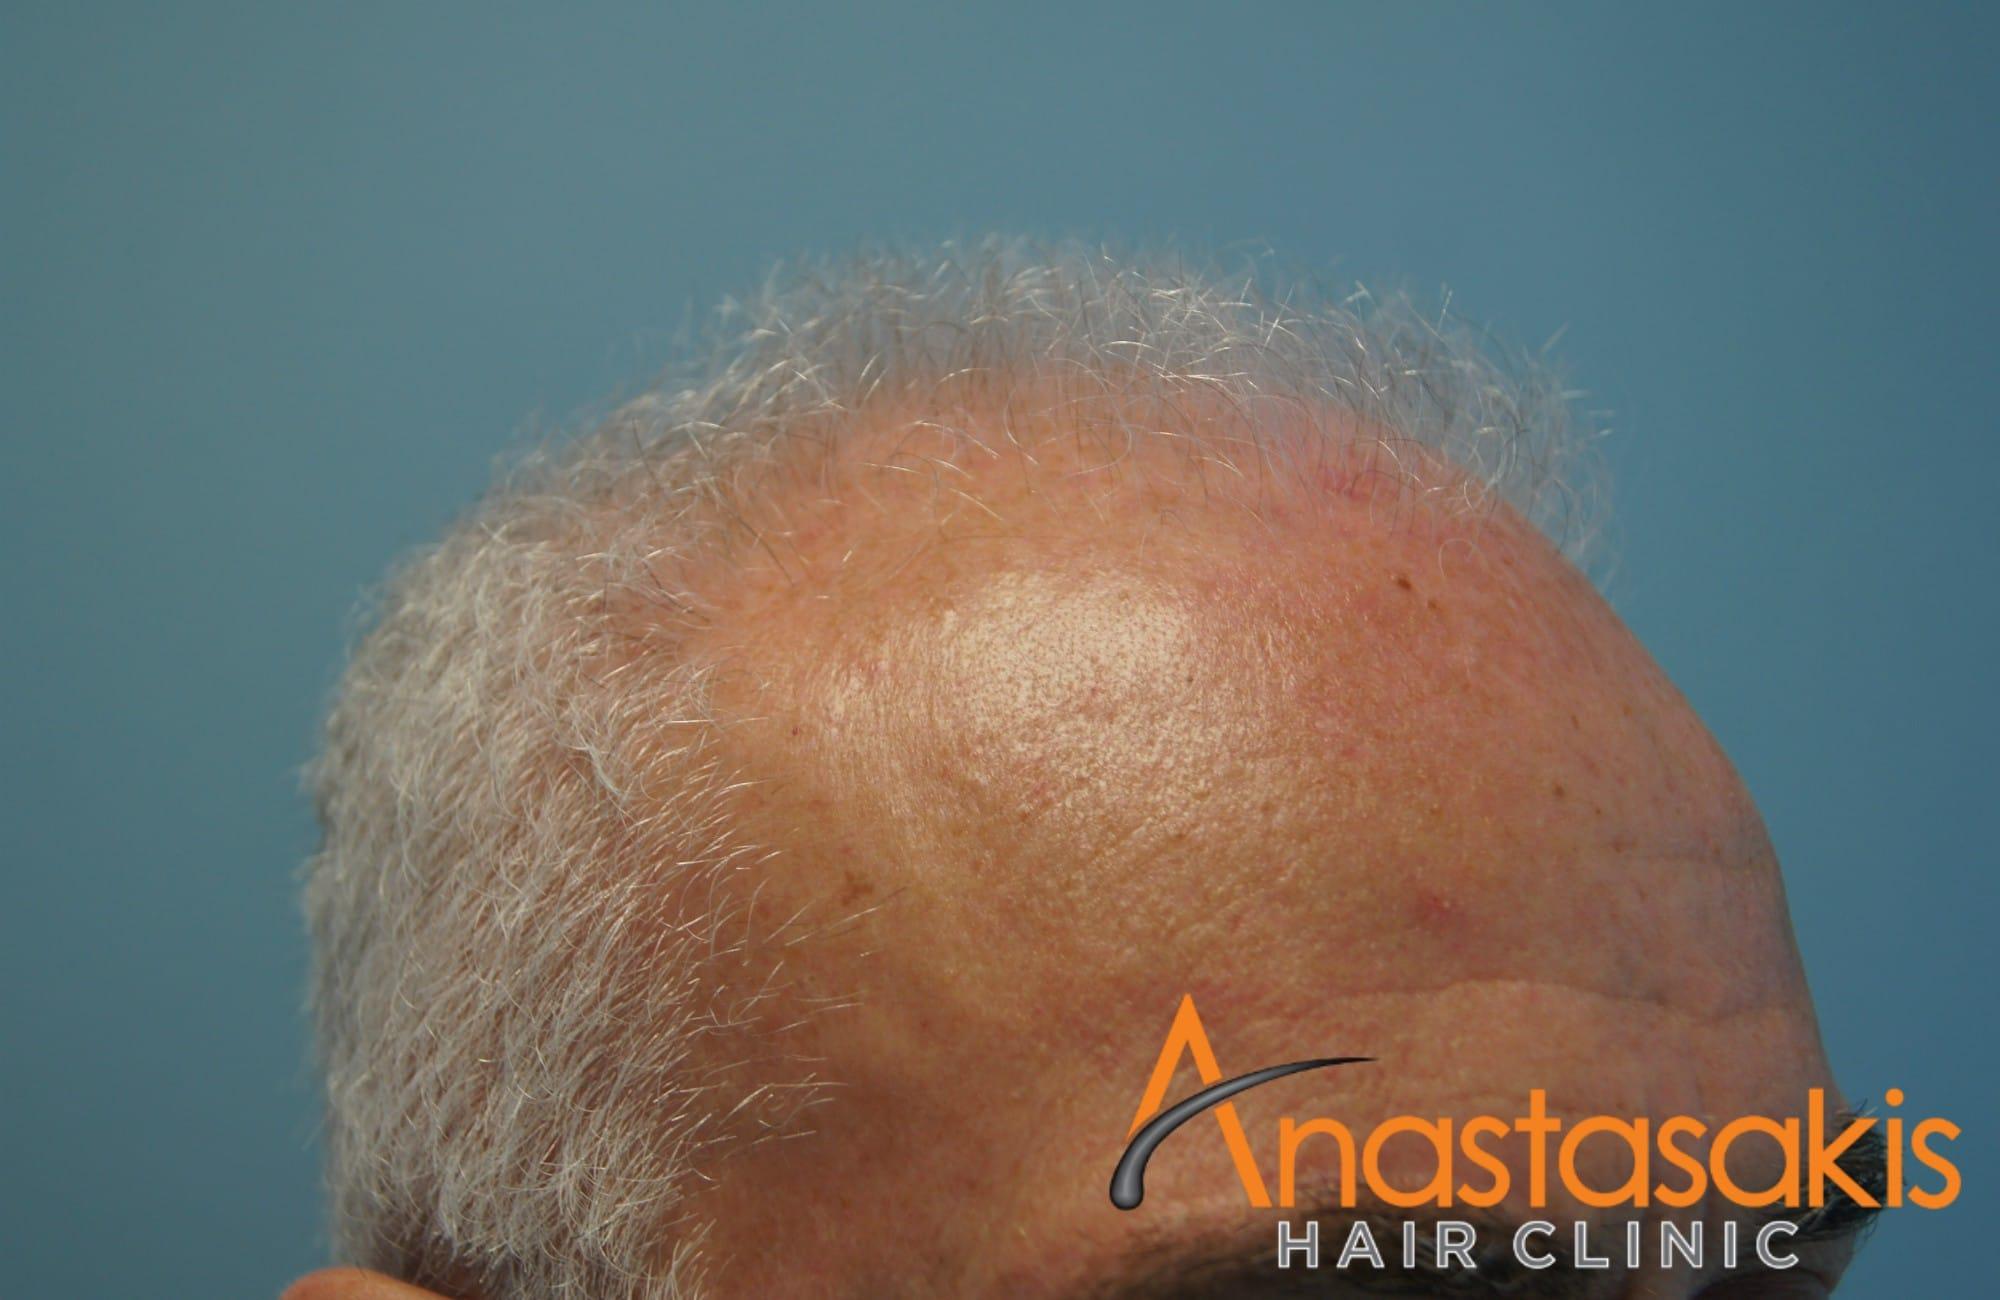 αριστερό προφίλ 2 ασθενη πριν την εμφύτευση μαλλιών με 3500 fus